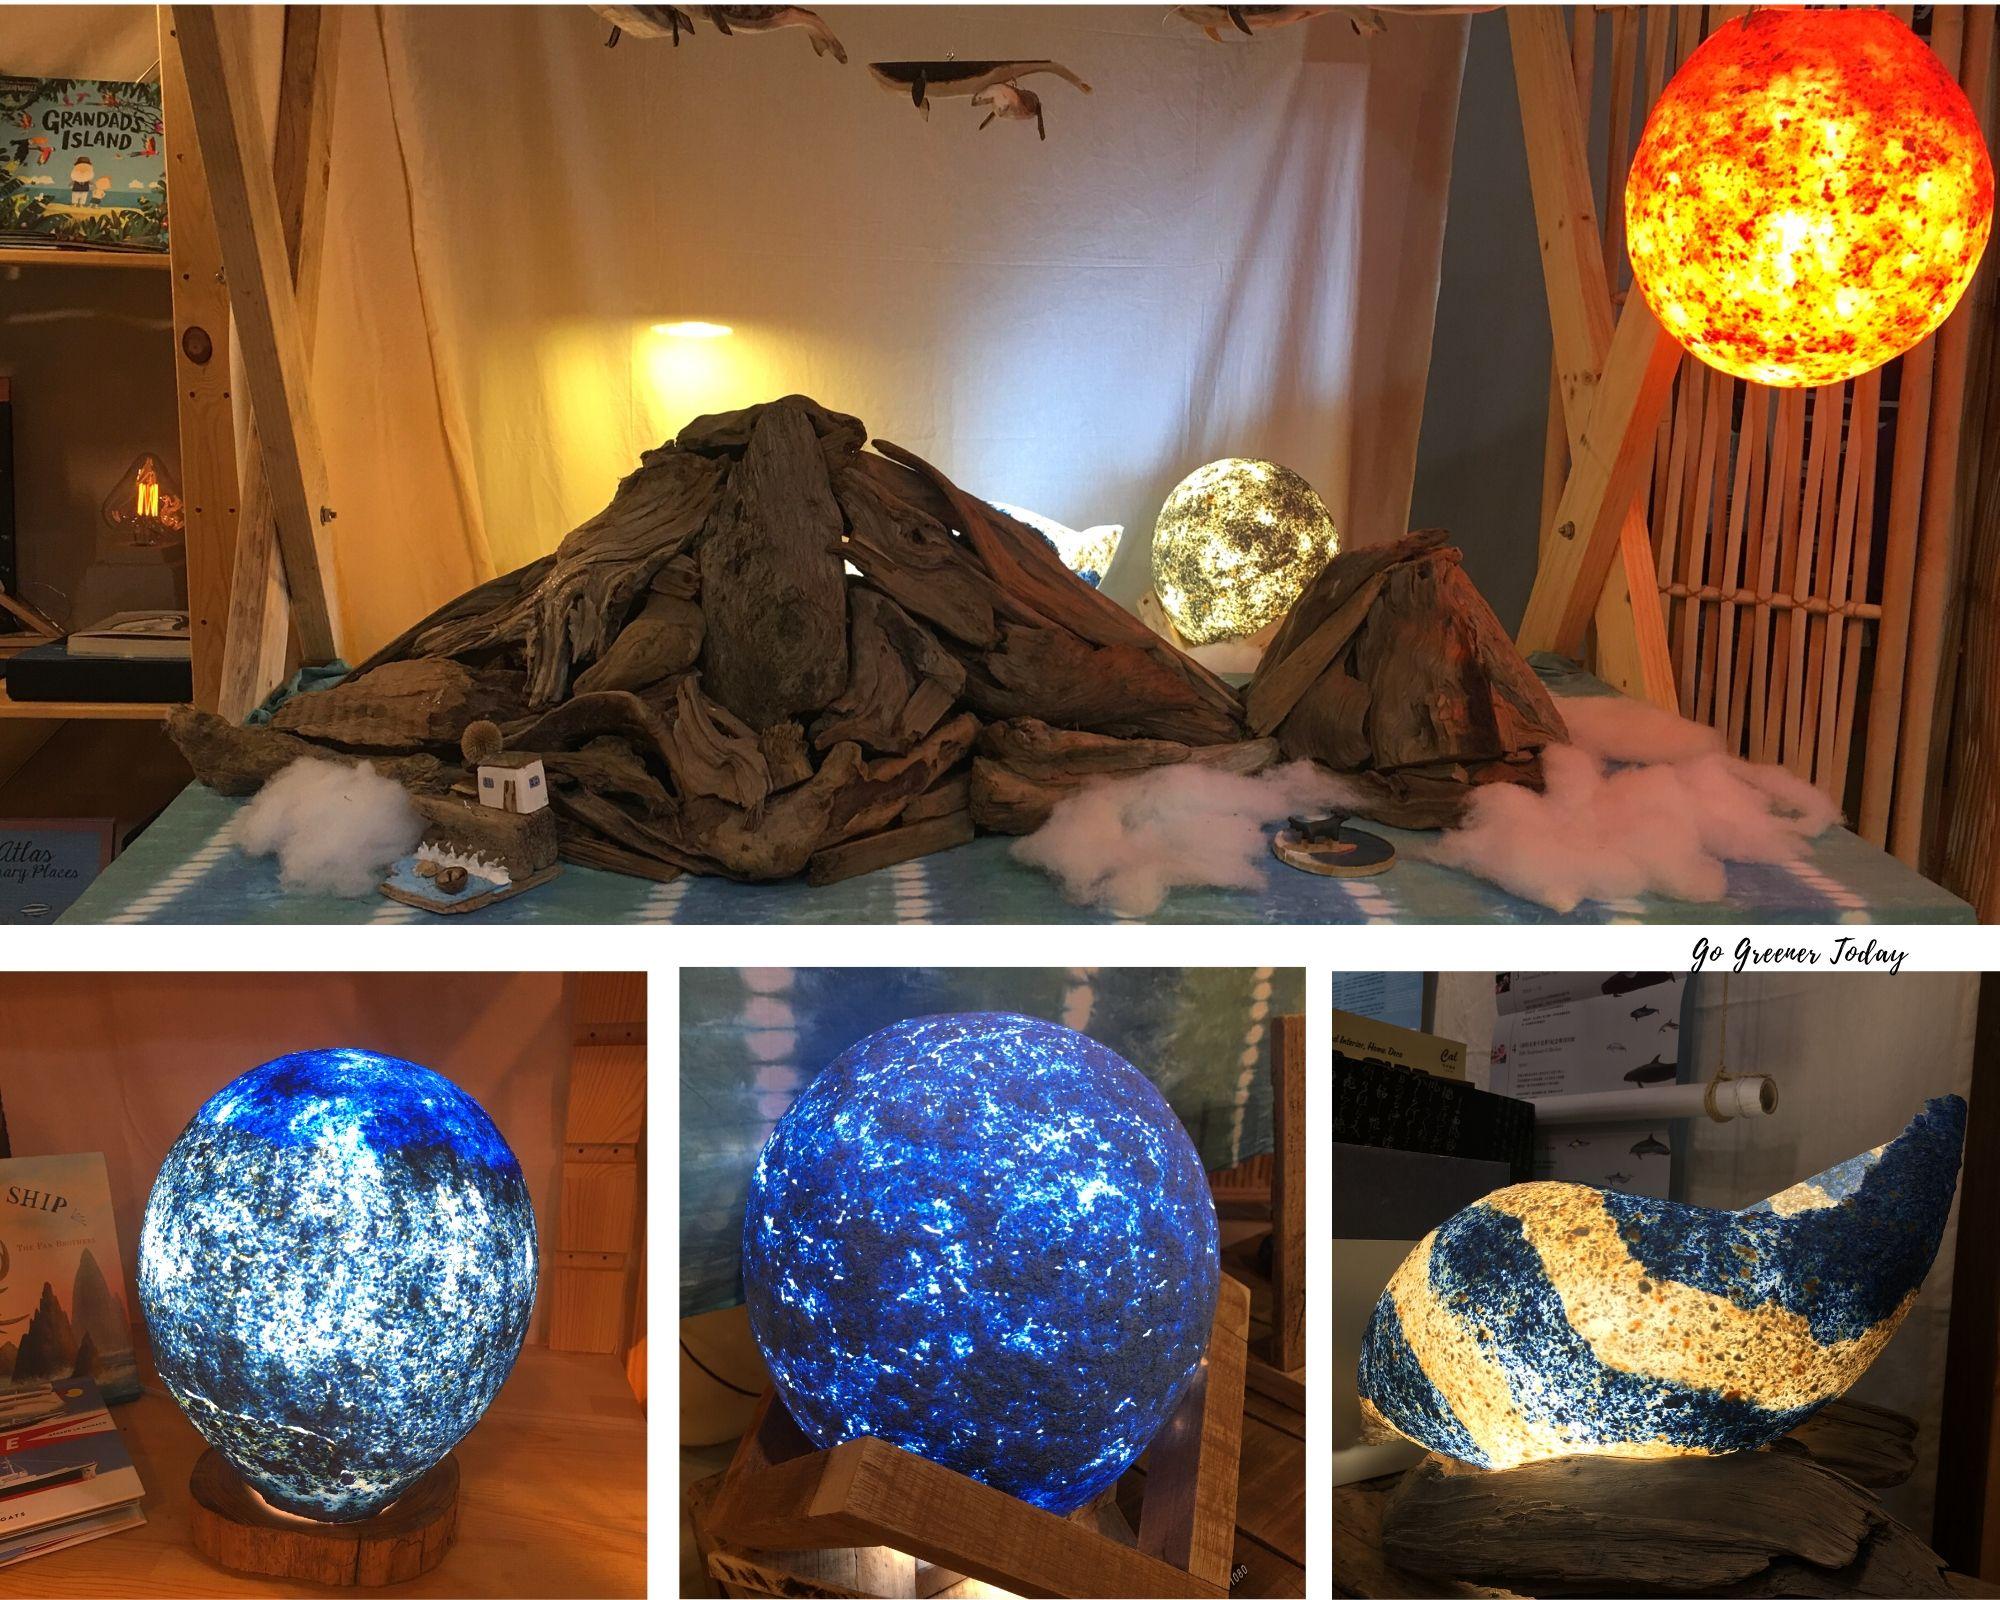 海藻燈與漂流木搭建的龜山島 (沒有固定漂流木,只是放上去)